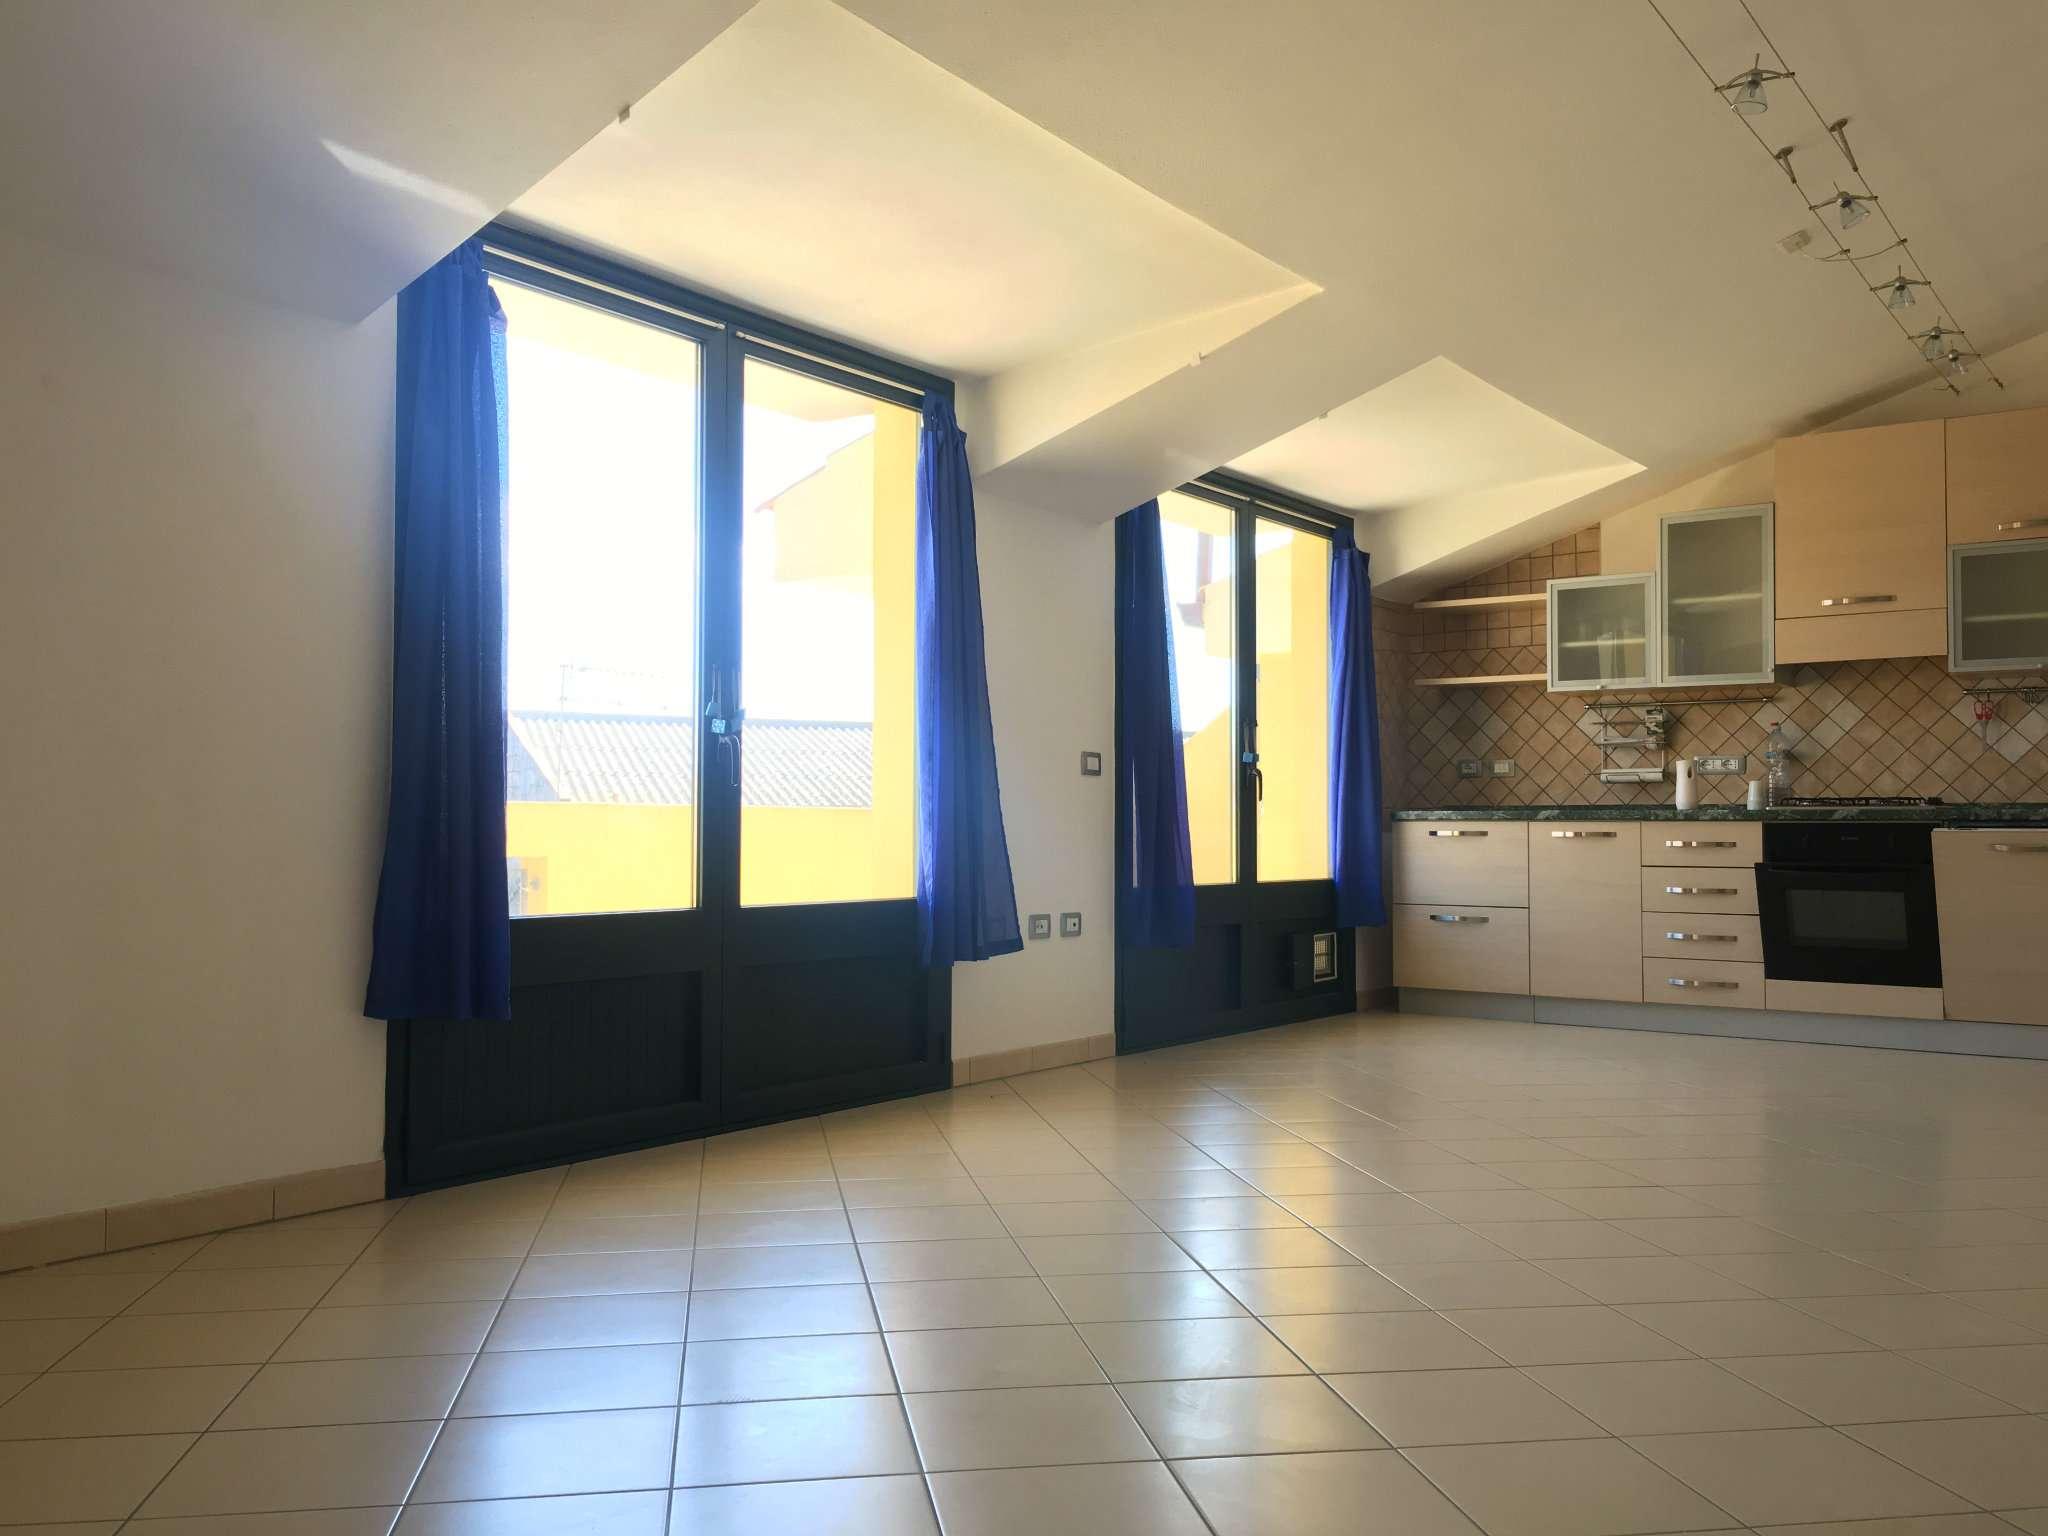 Appartamento in vendita a Senorbì, 3 locali, prezzo € 79.000 | CambioCasa.it